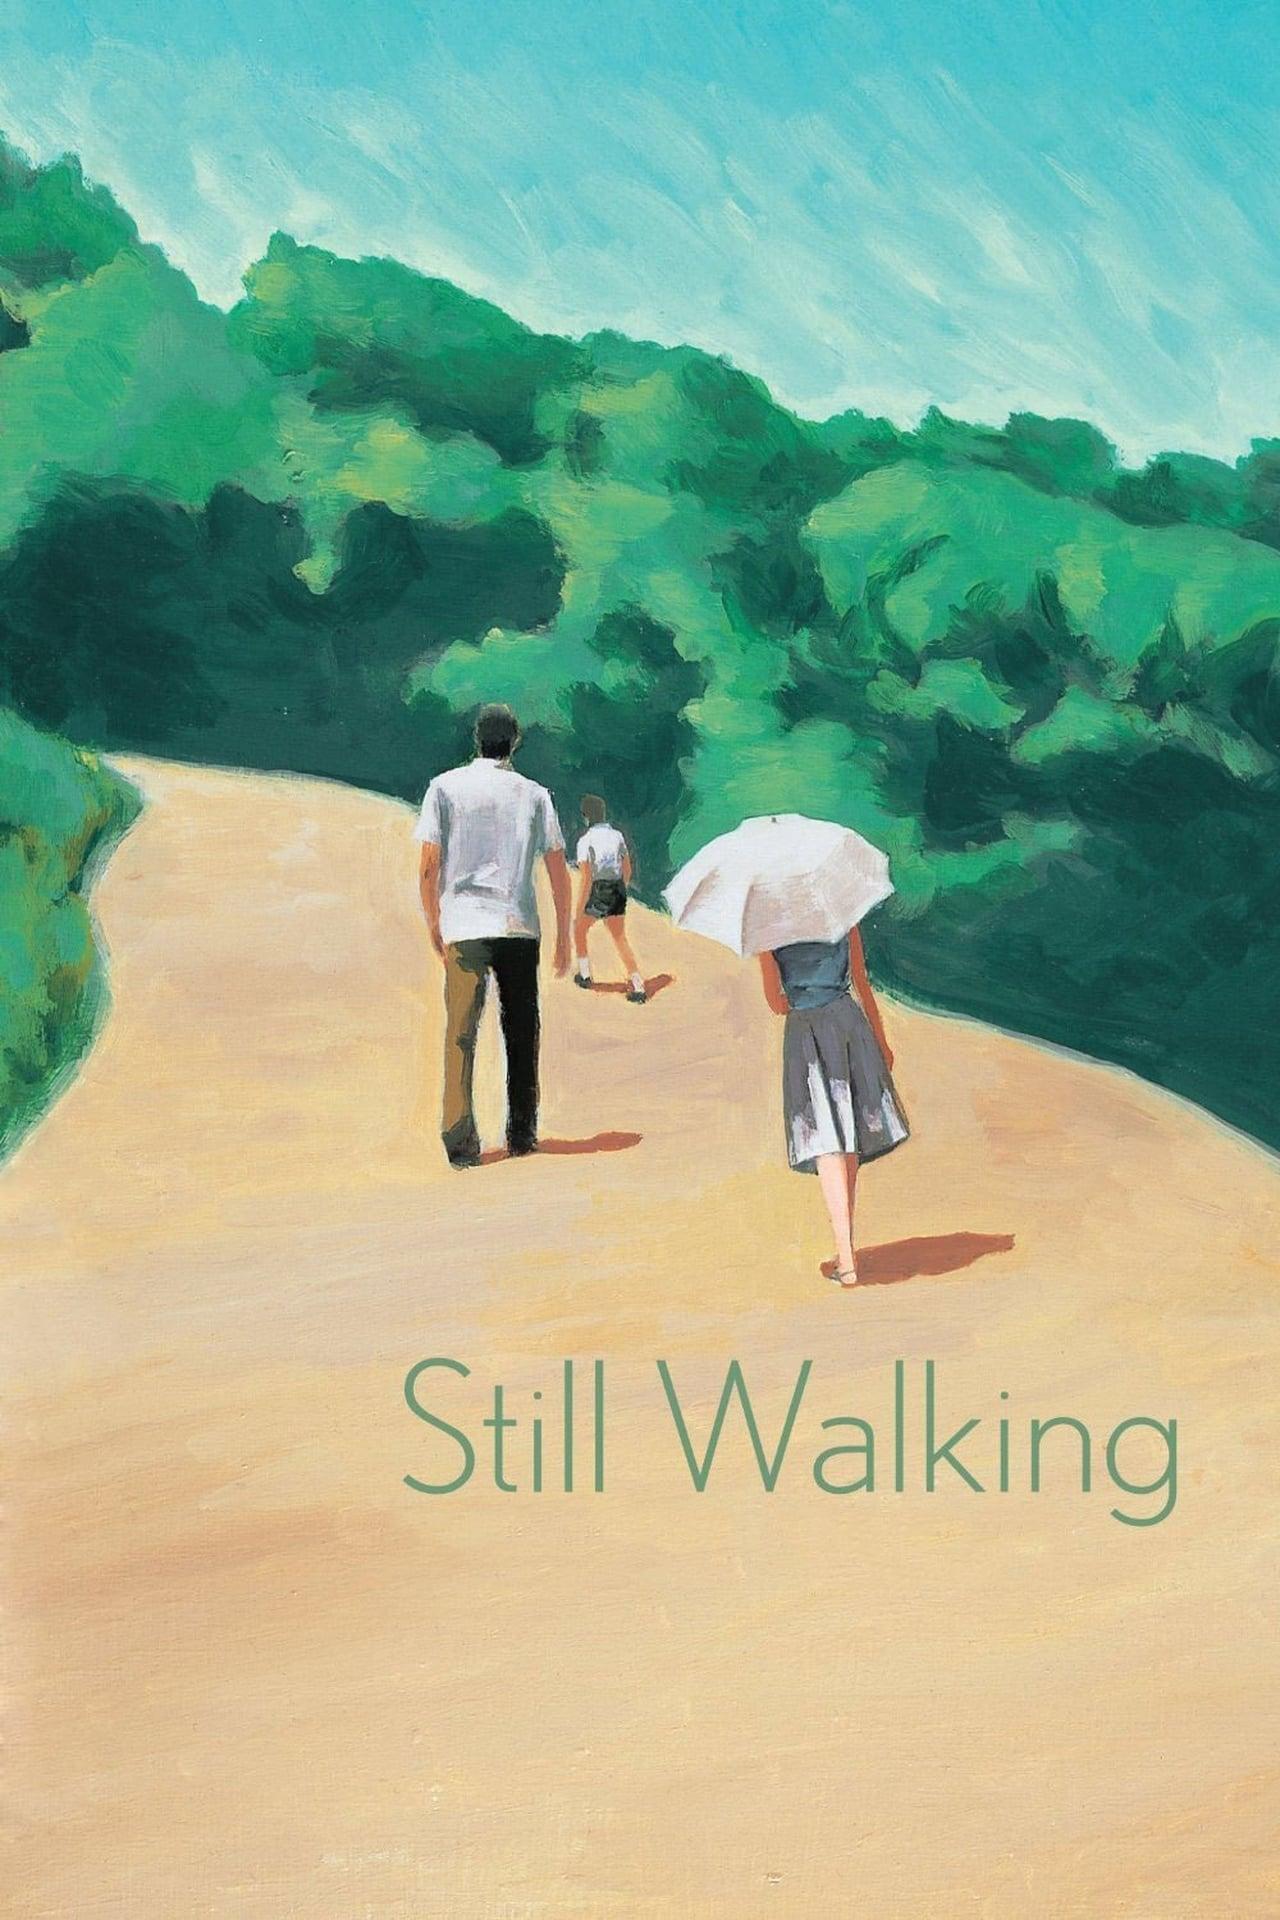 Still Walking (Caminando)